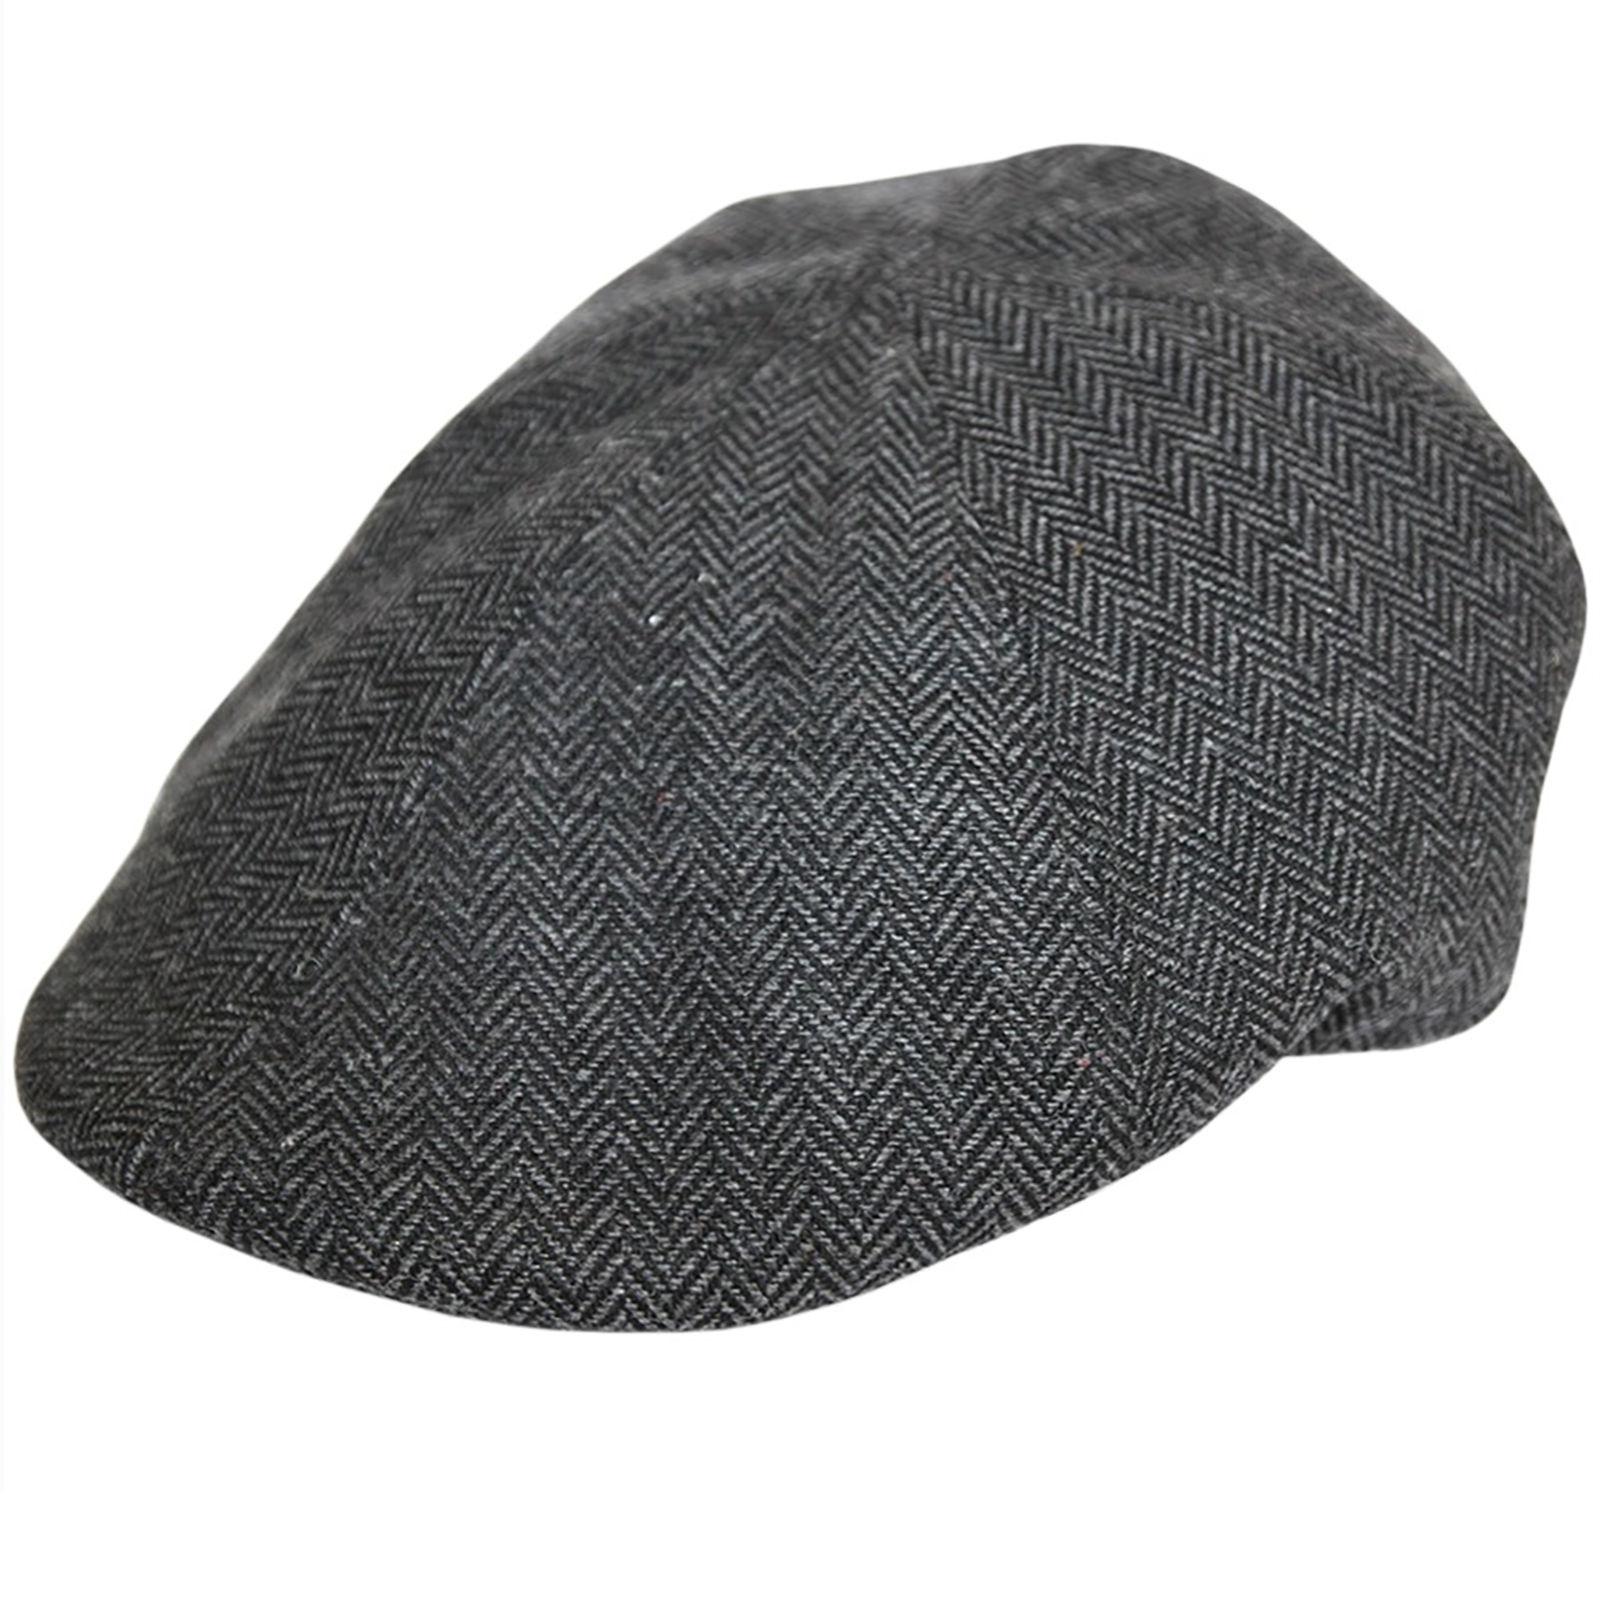 2d9fe2578e1 Herringbone Wool Flat Cap